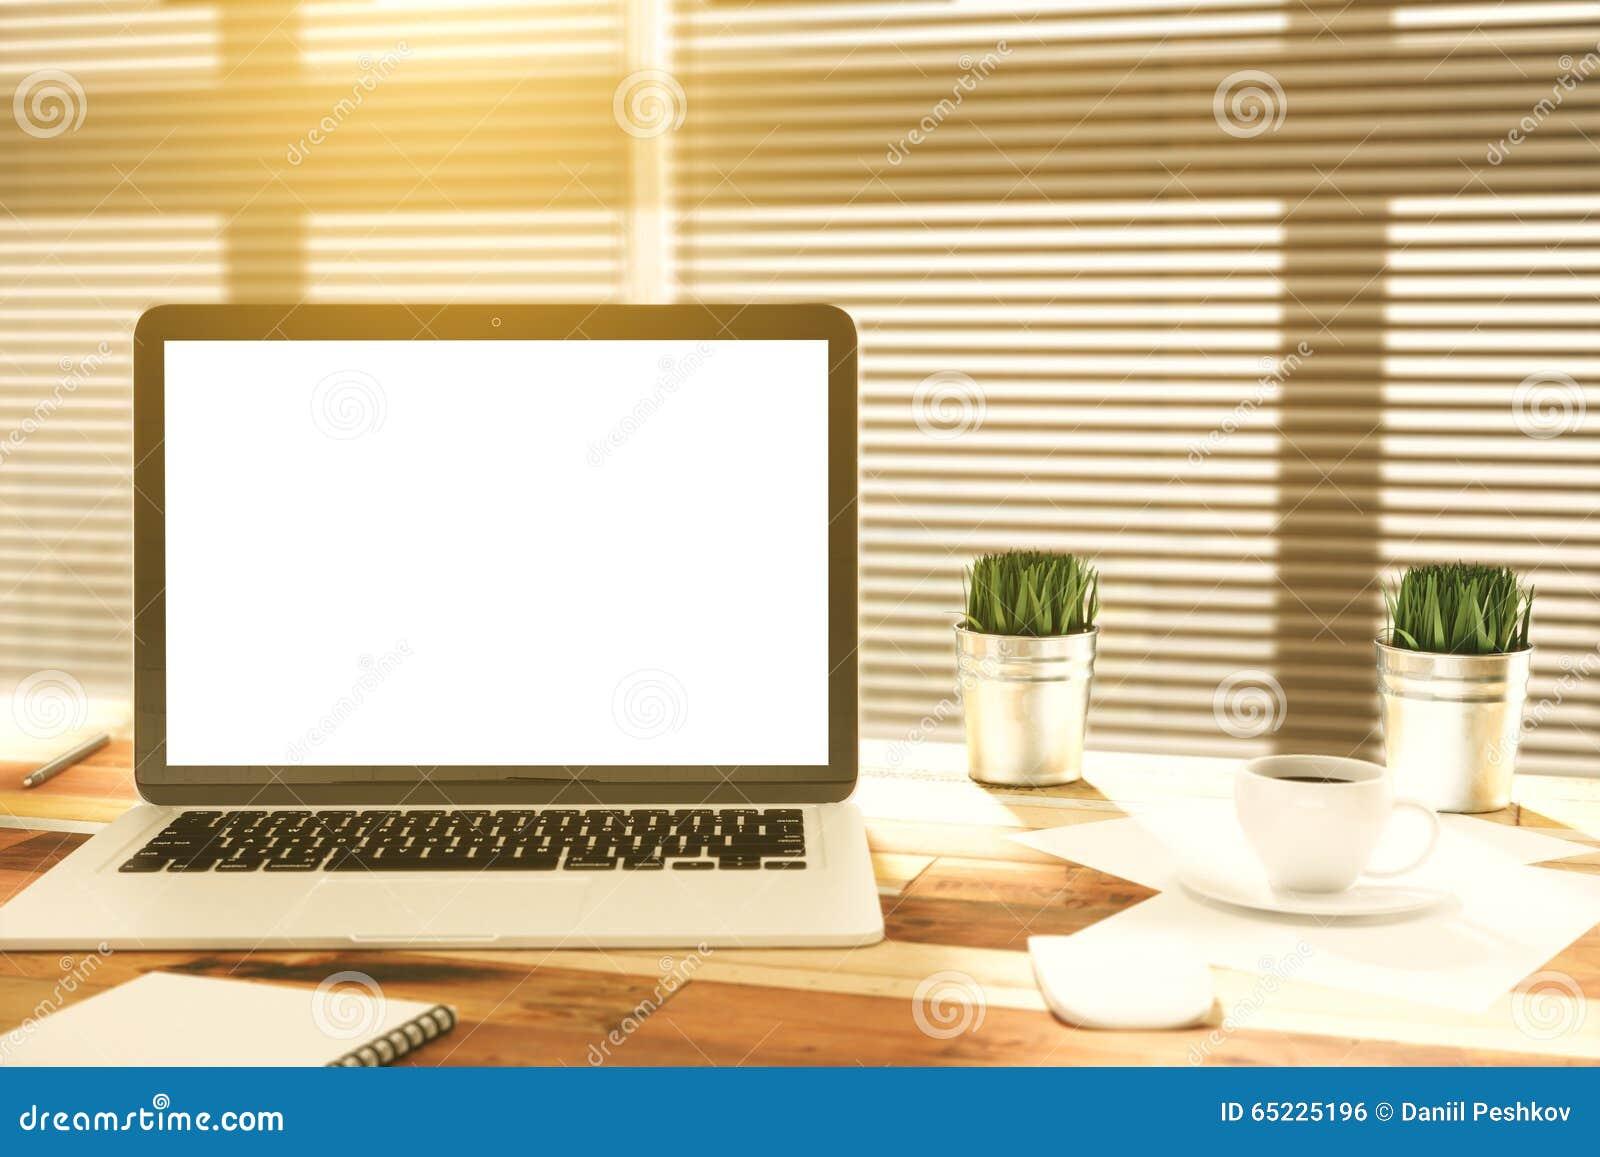 Pusty laptopu ekran na drewnianym stole z filiżanką kawy i trawą